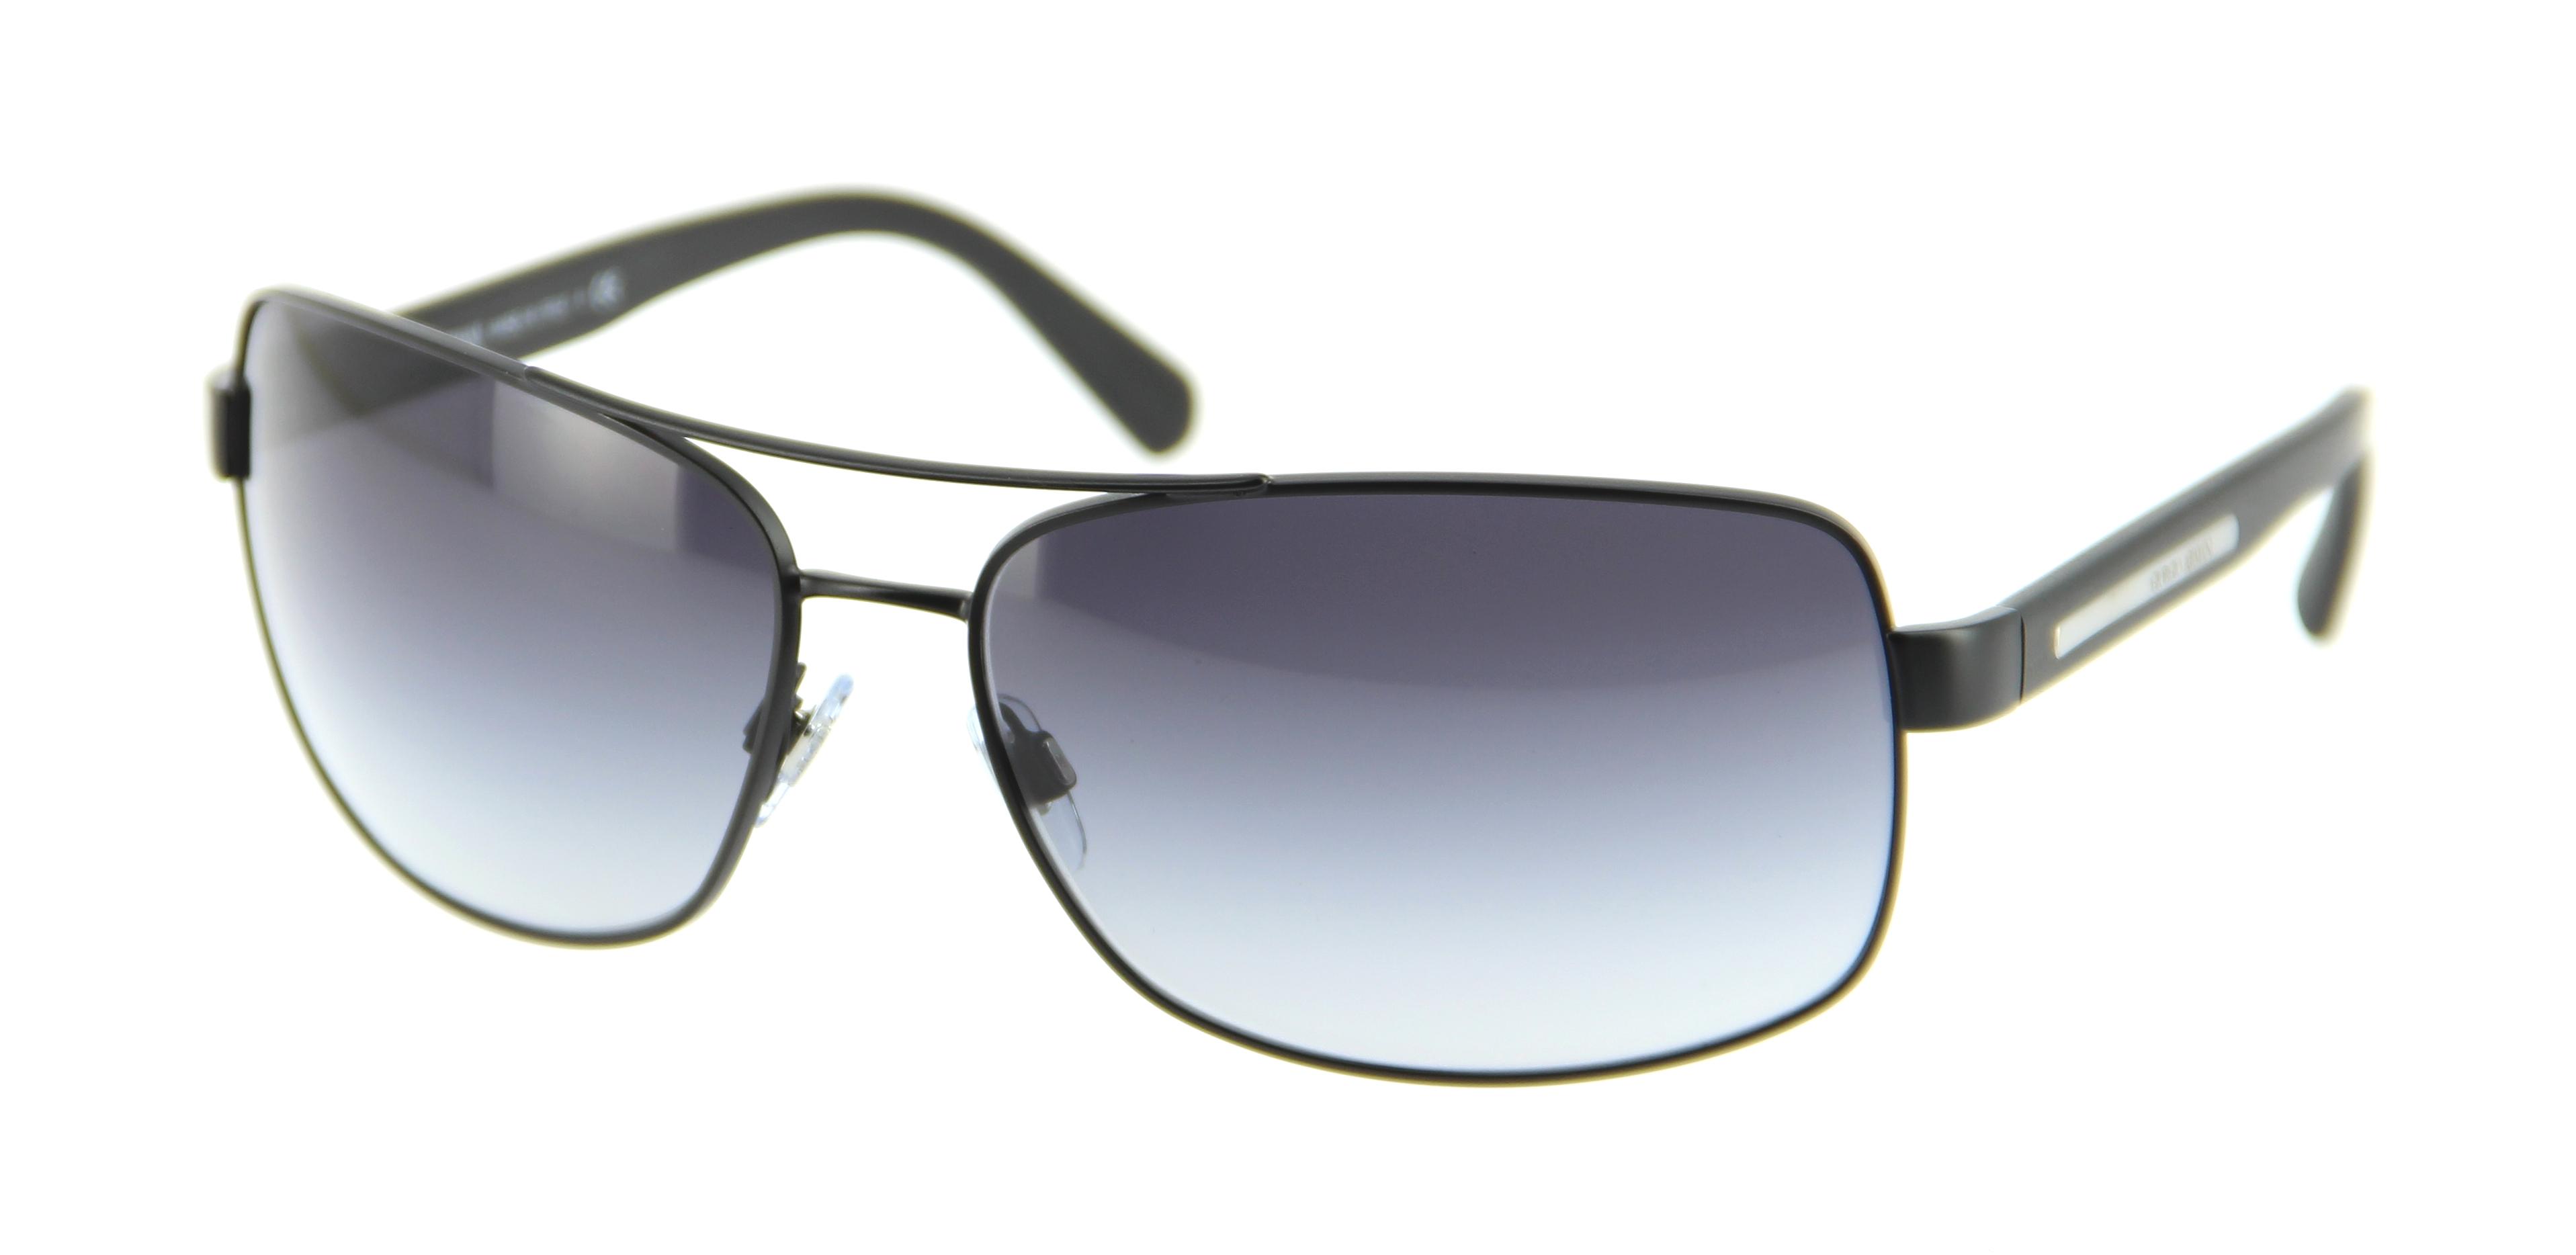 armani lunettes de soleil